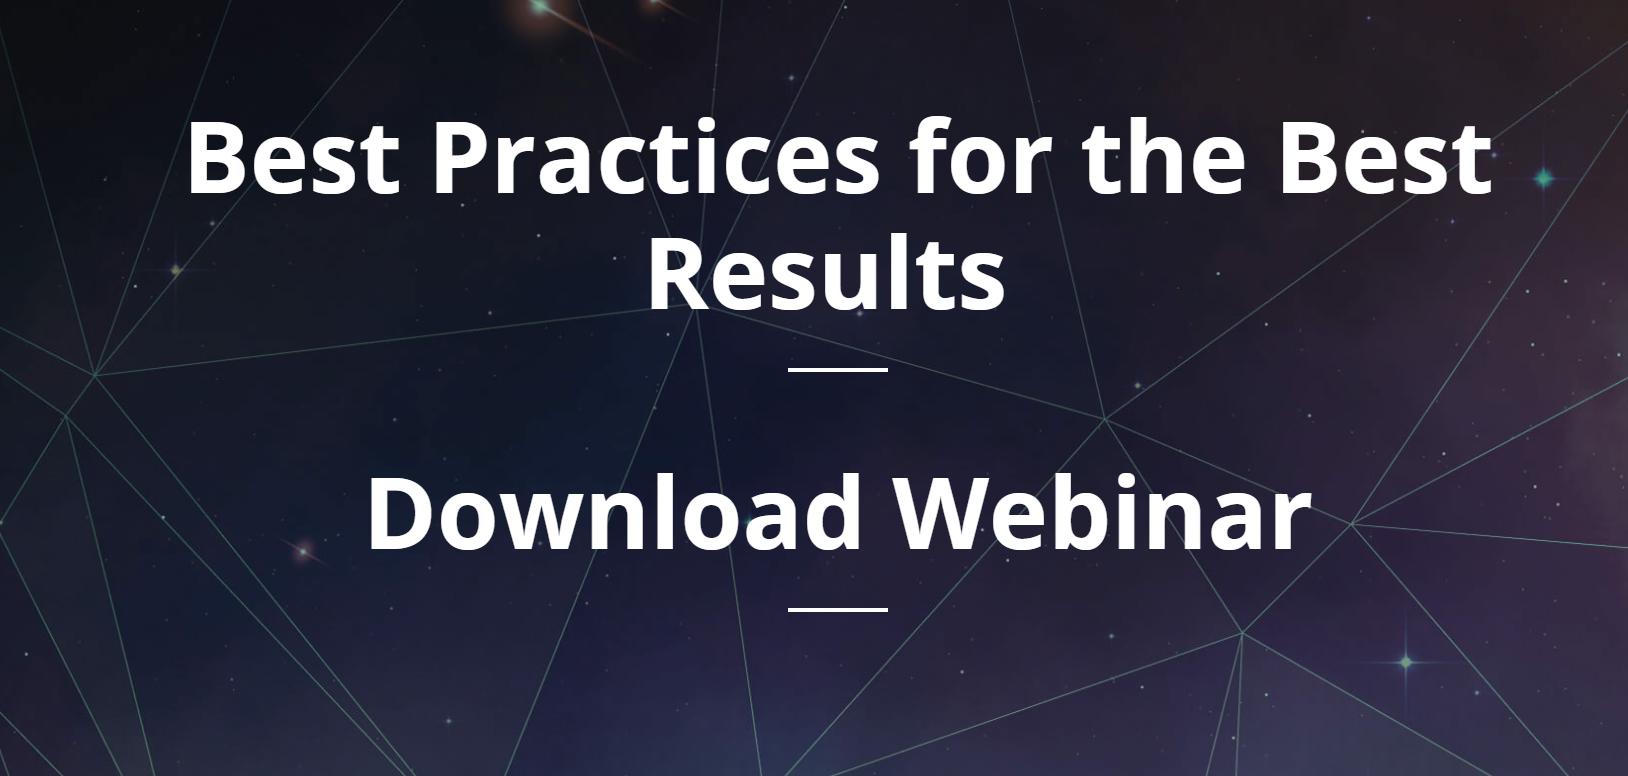 Download Webinar - Best Practices